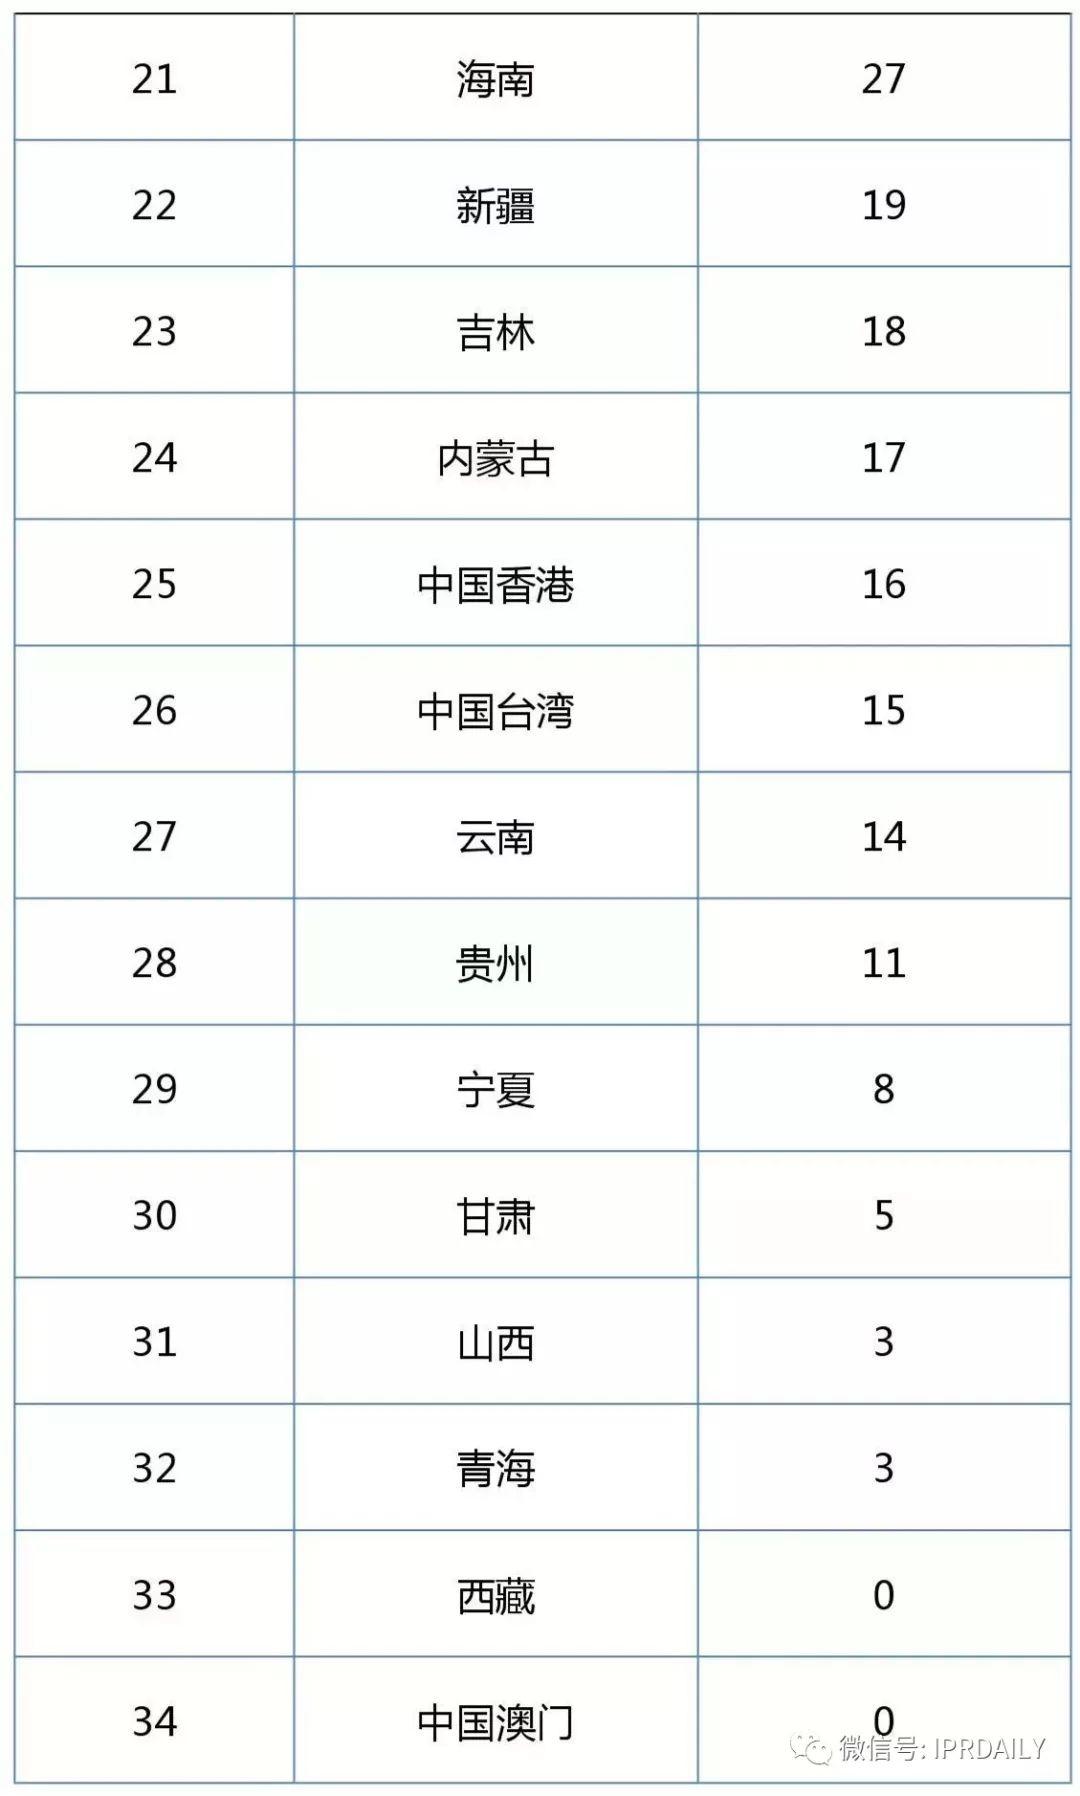 2017企业专利运营许可排名(前100名)